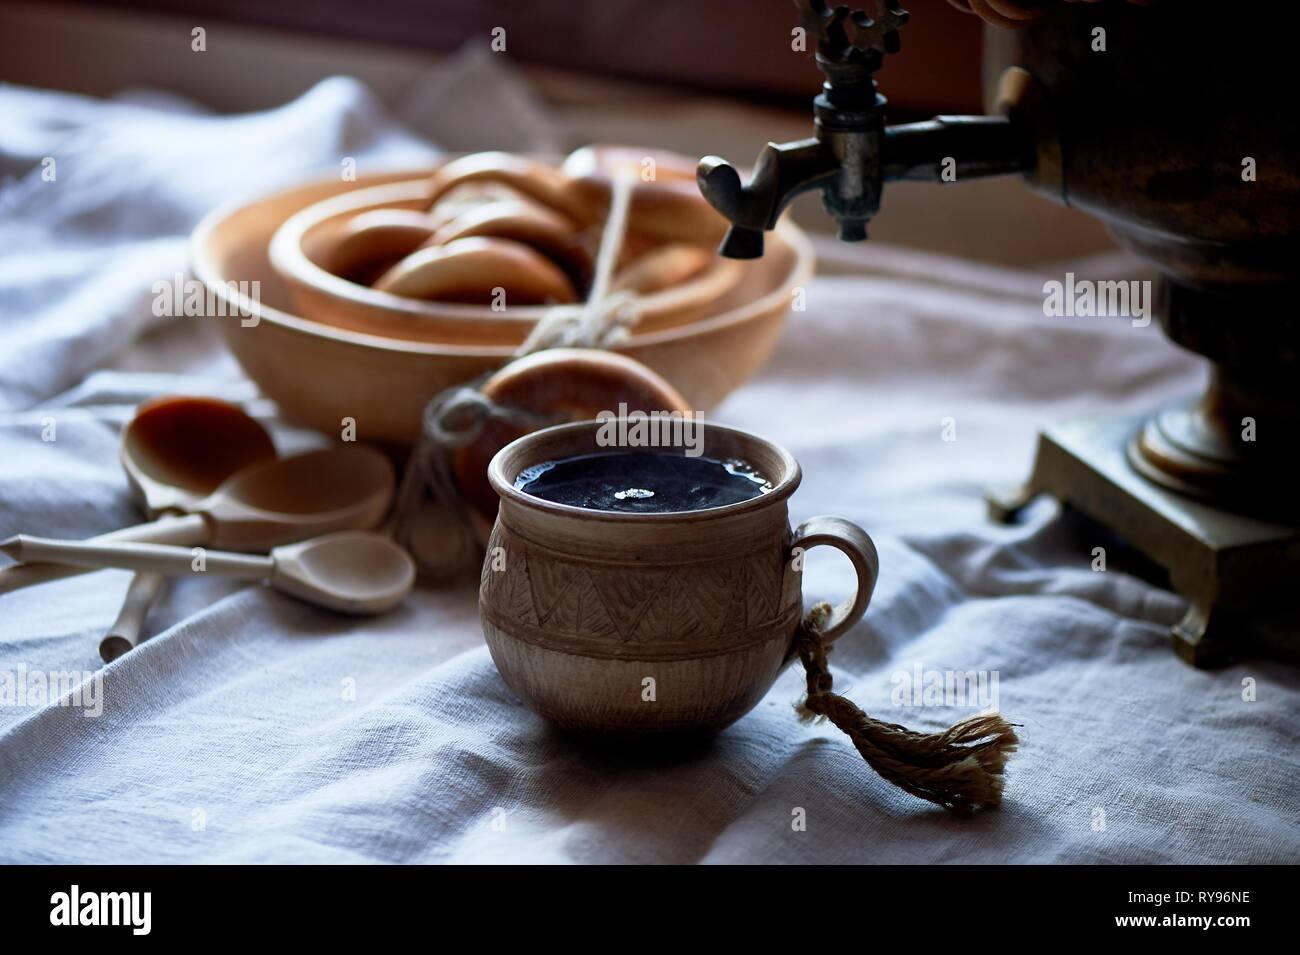 Donut auf einen String. traditionellen russischen Gebäck. Samowar und Kaffee in einem alten Ton Tasse. Stockfoto